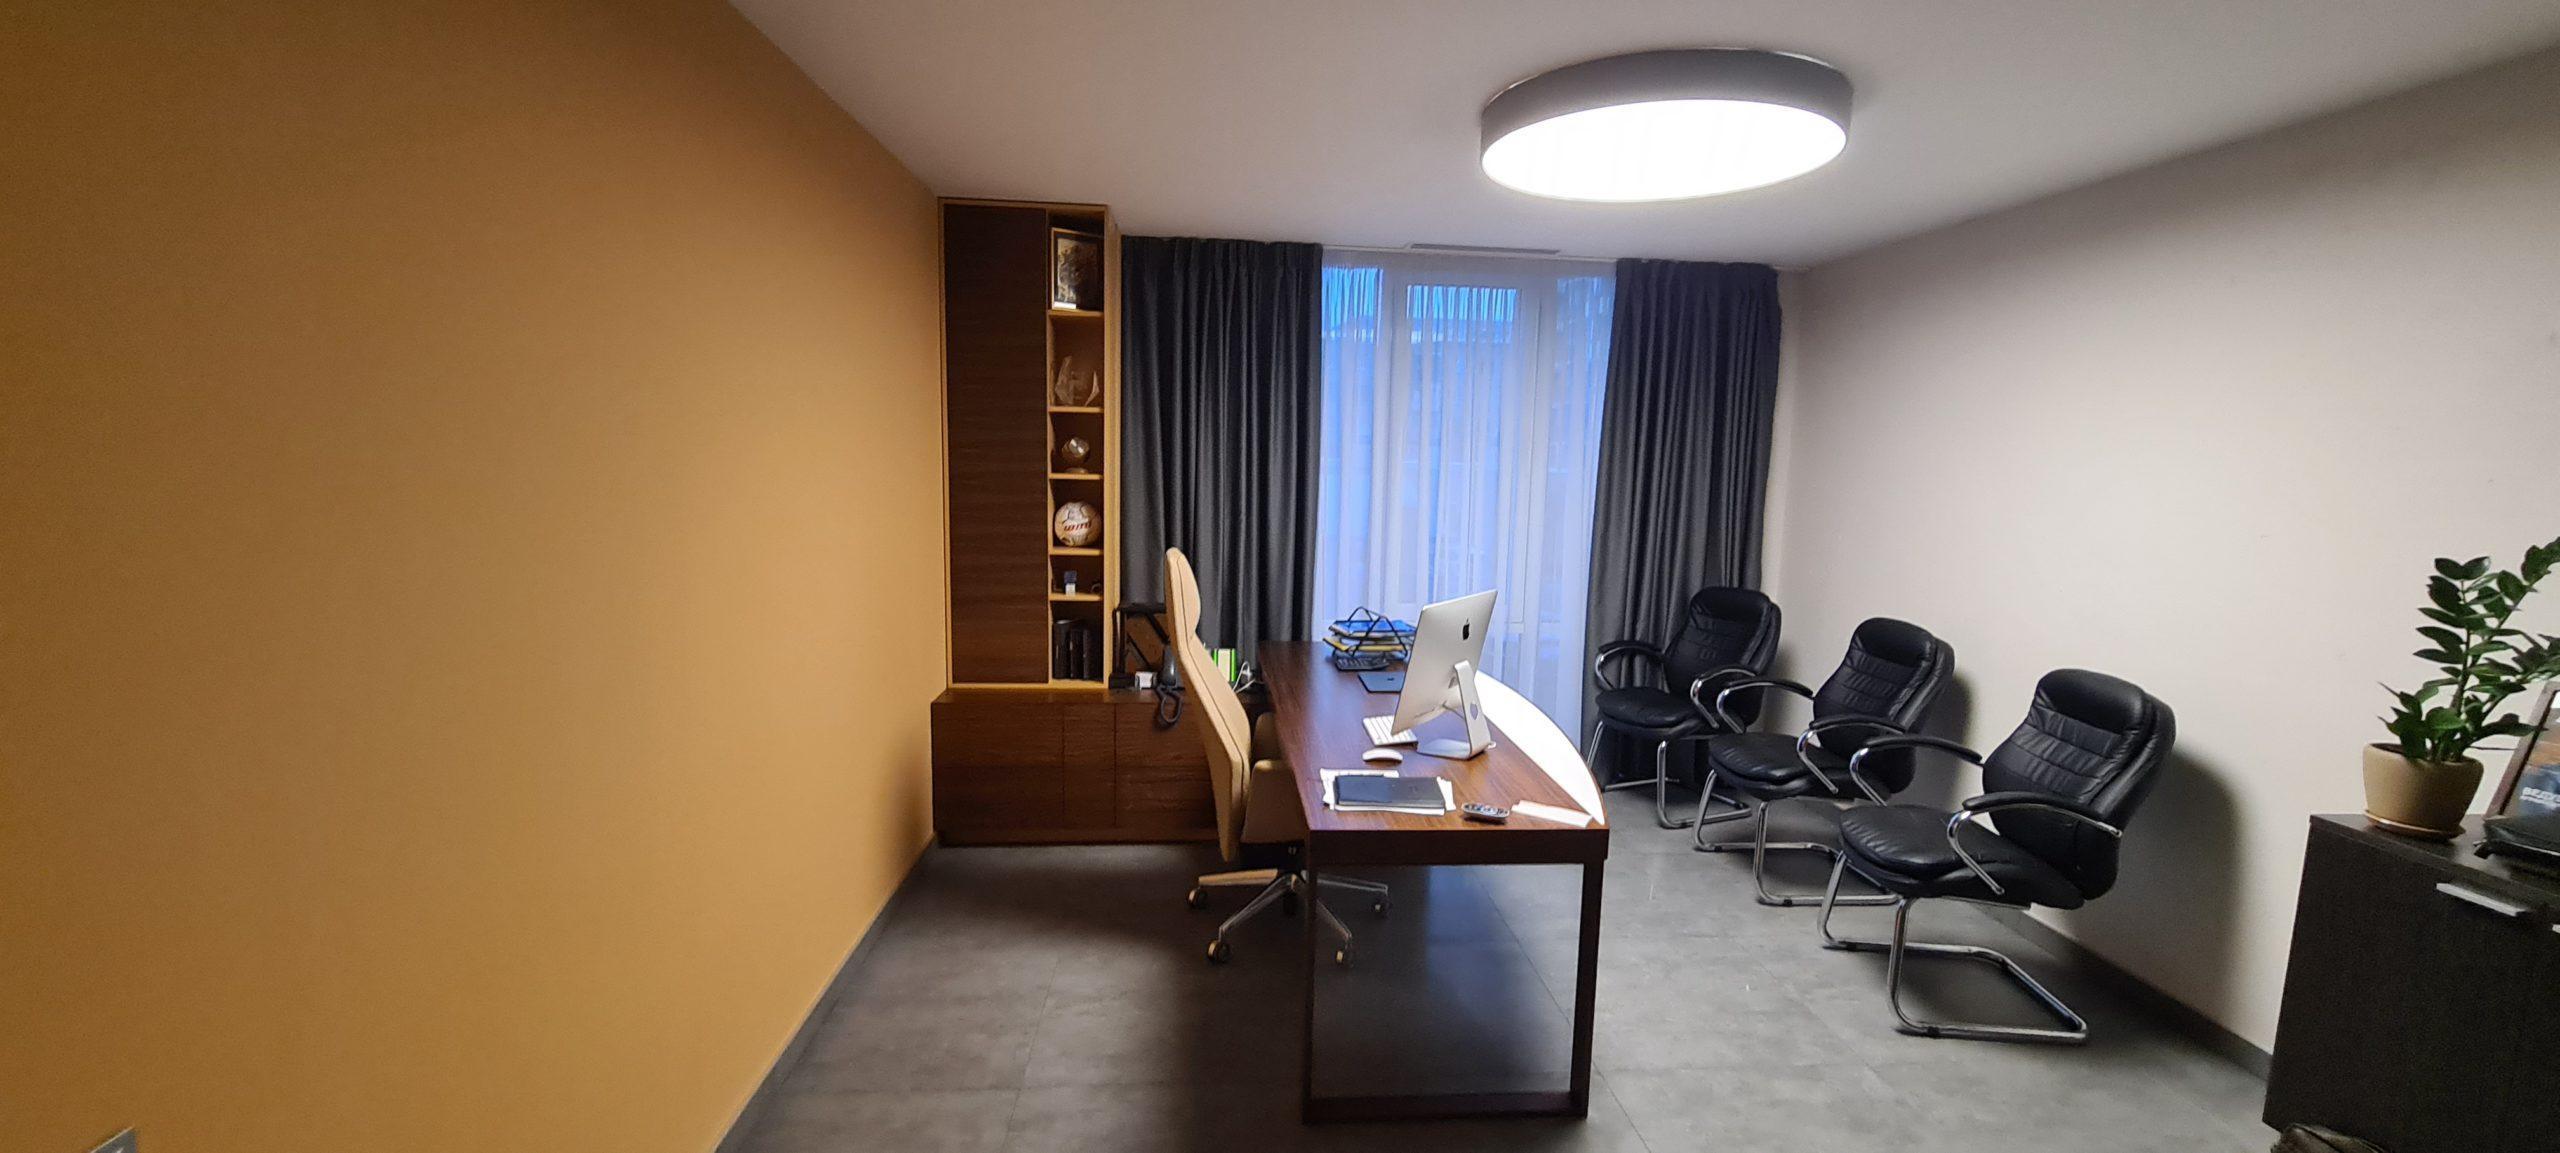 Меблі в кабінет - фото 13